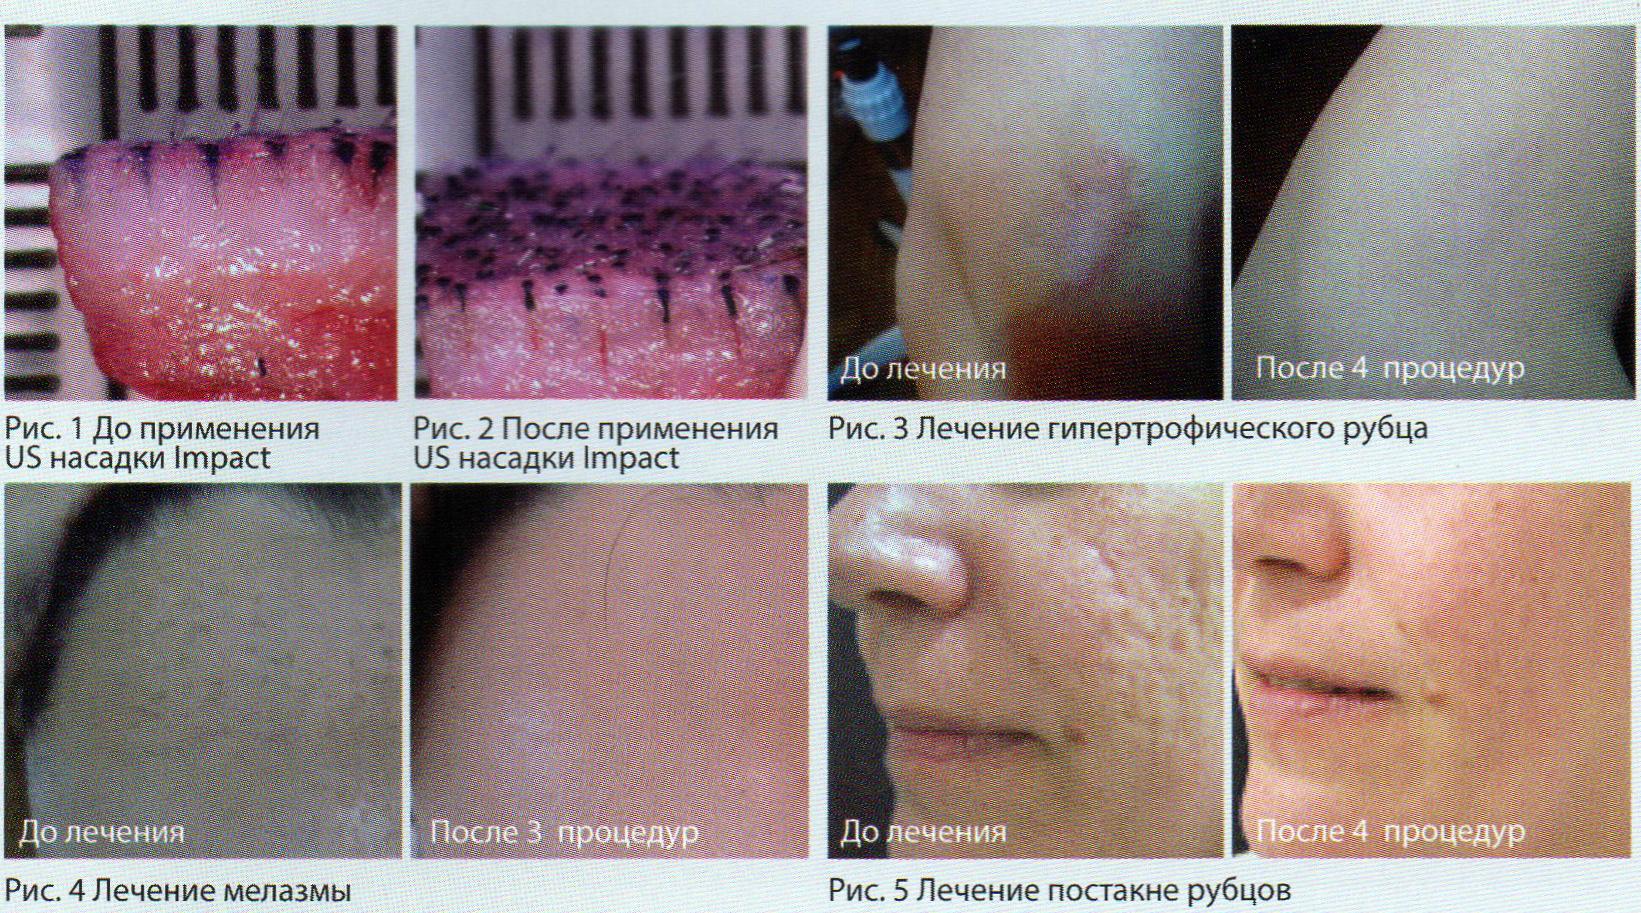 лечение рубцовых изменений ткани